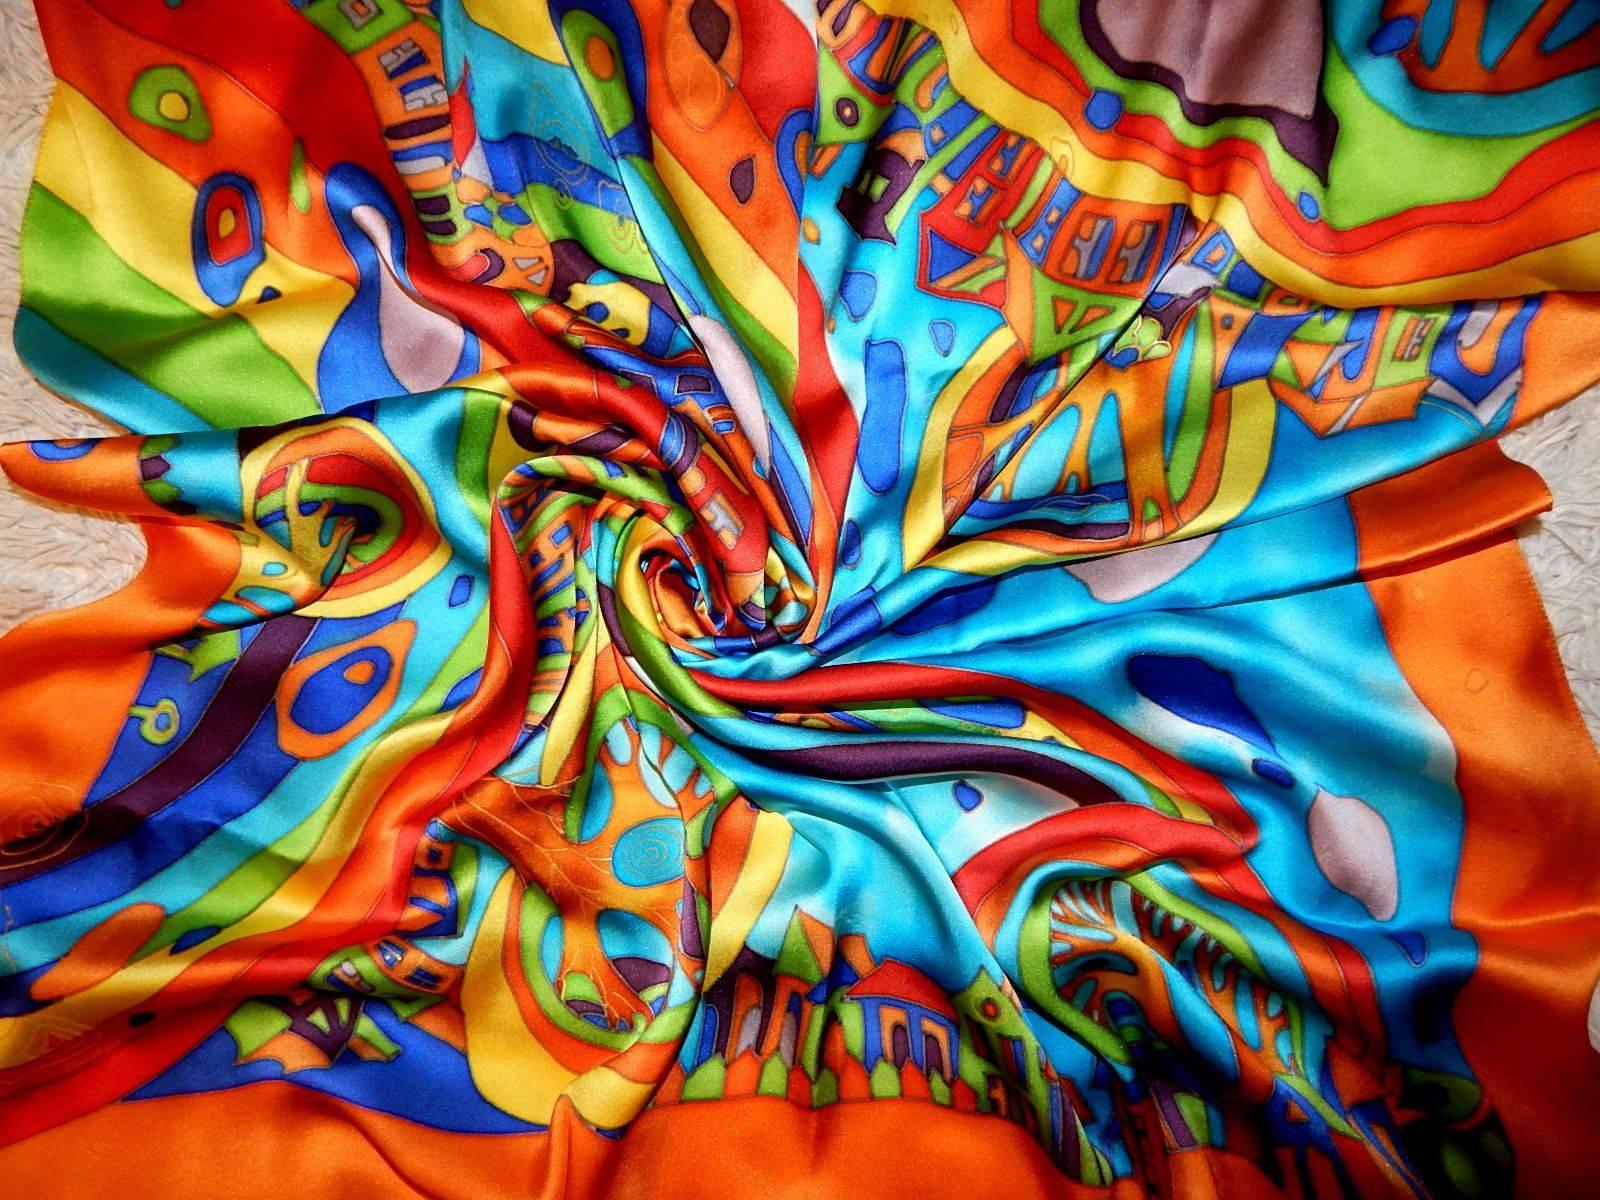 """Платок атласный из серии """"Город радуг"""" с оранжевой полосой по периметру выполнен в технике """"холодный батик"""" Яркие, насыщенные, сочные, радостные, позитивные оттенки в цветовой гамме изделия непременно подчеркнут Вашу индивидуальность и придадут образу яркости! А струящийся нежный шелк - атлас придадут женственности и неповторимости!"""